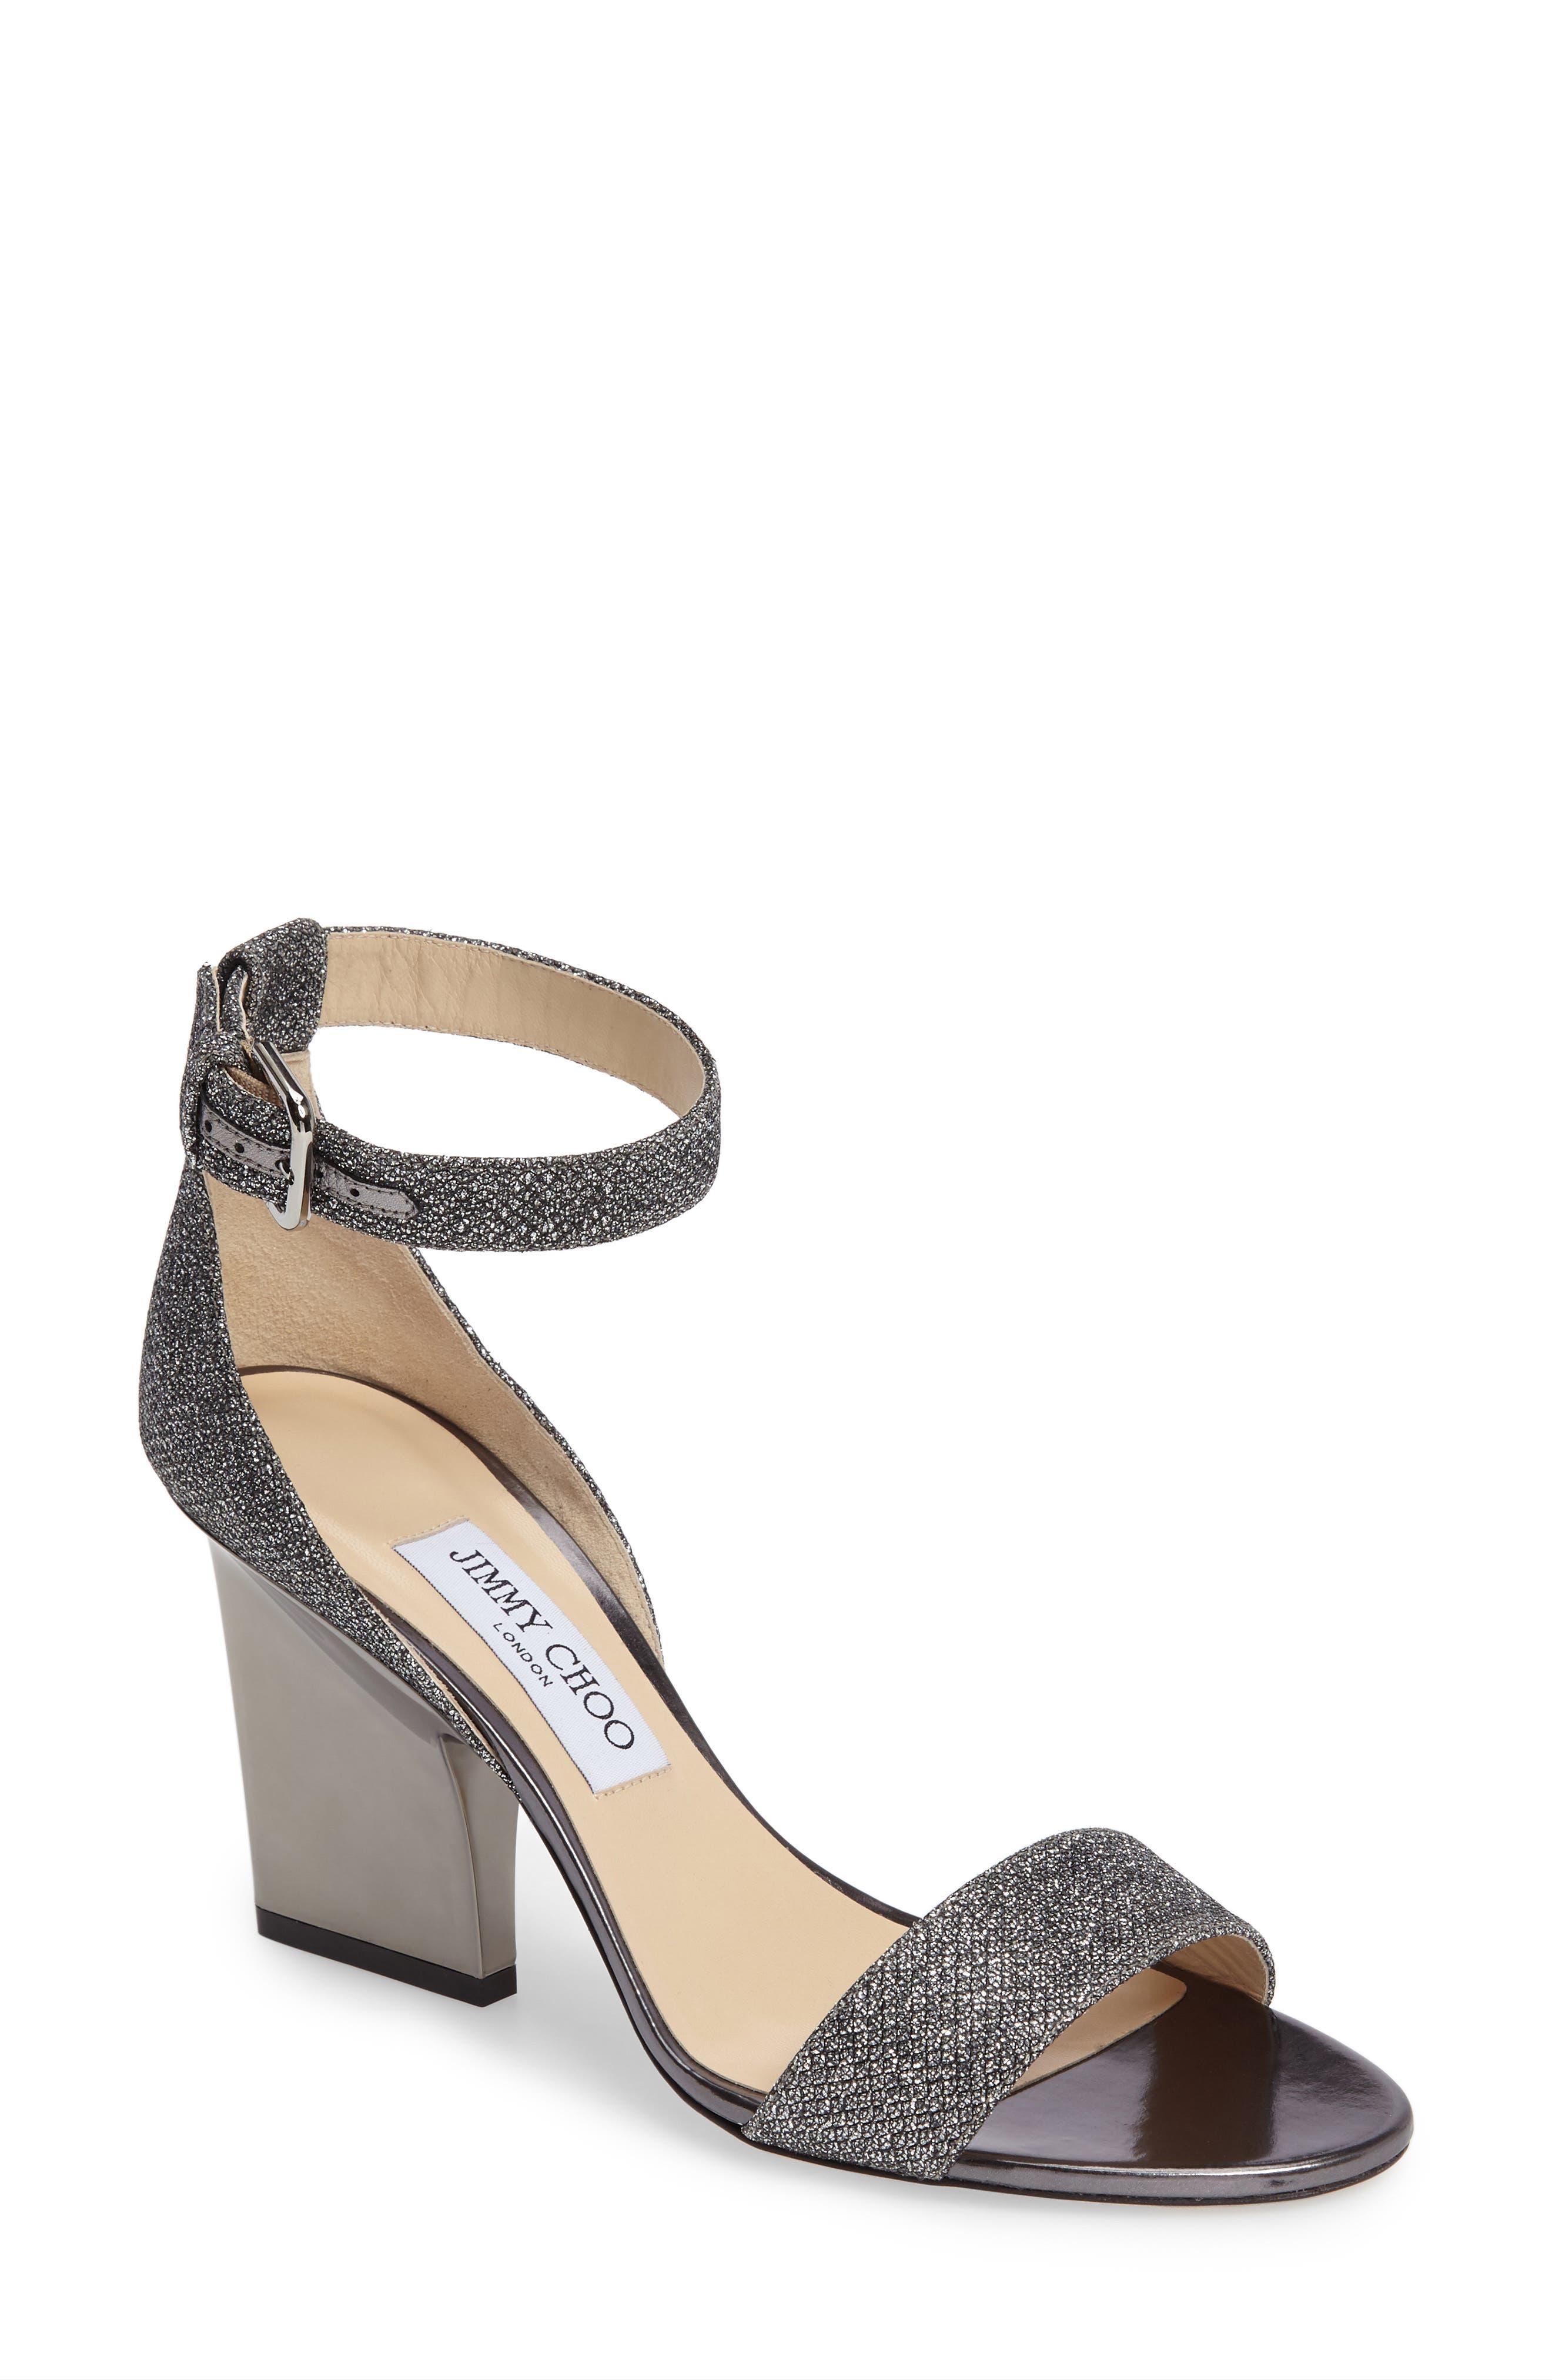 Jimmy Choo Edina Ankle Strap Sandal (Women)